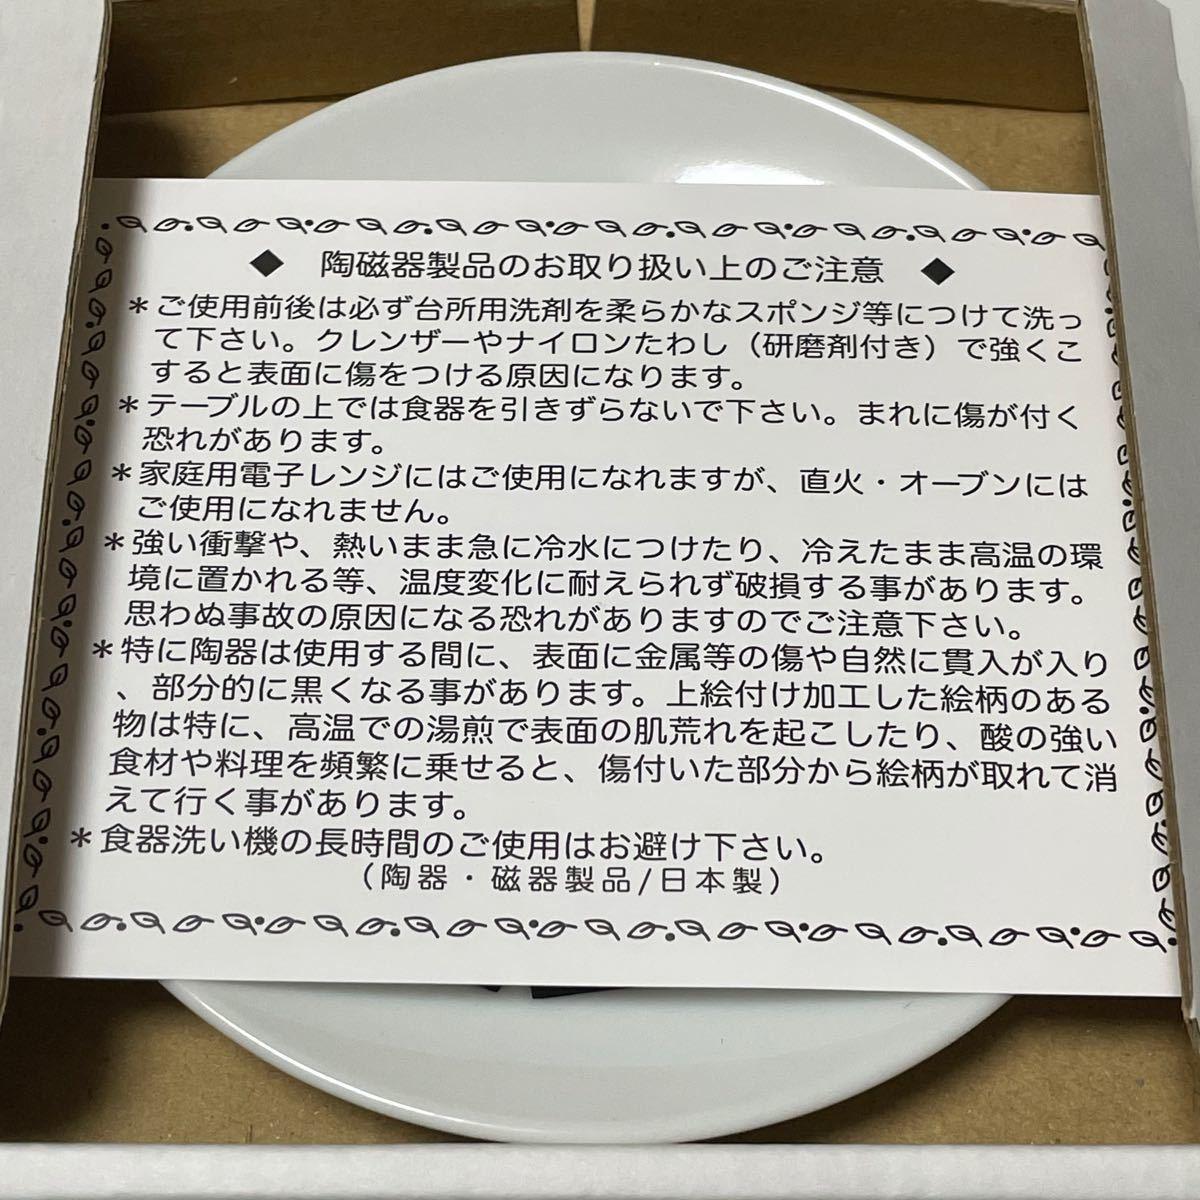 煉獄杏寿郎 豆皿 鬼滅の刃 ufotable DINING お楽しみくじ